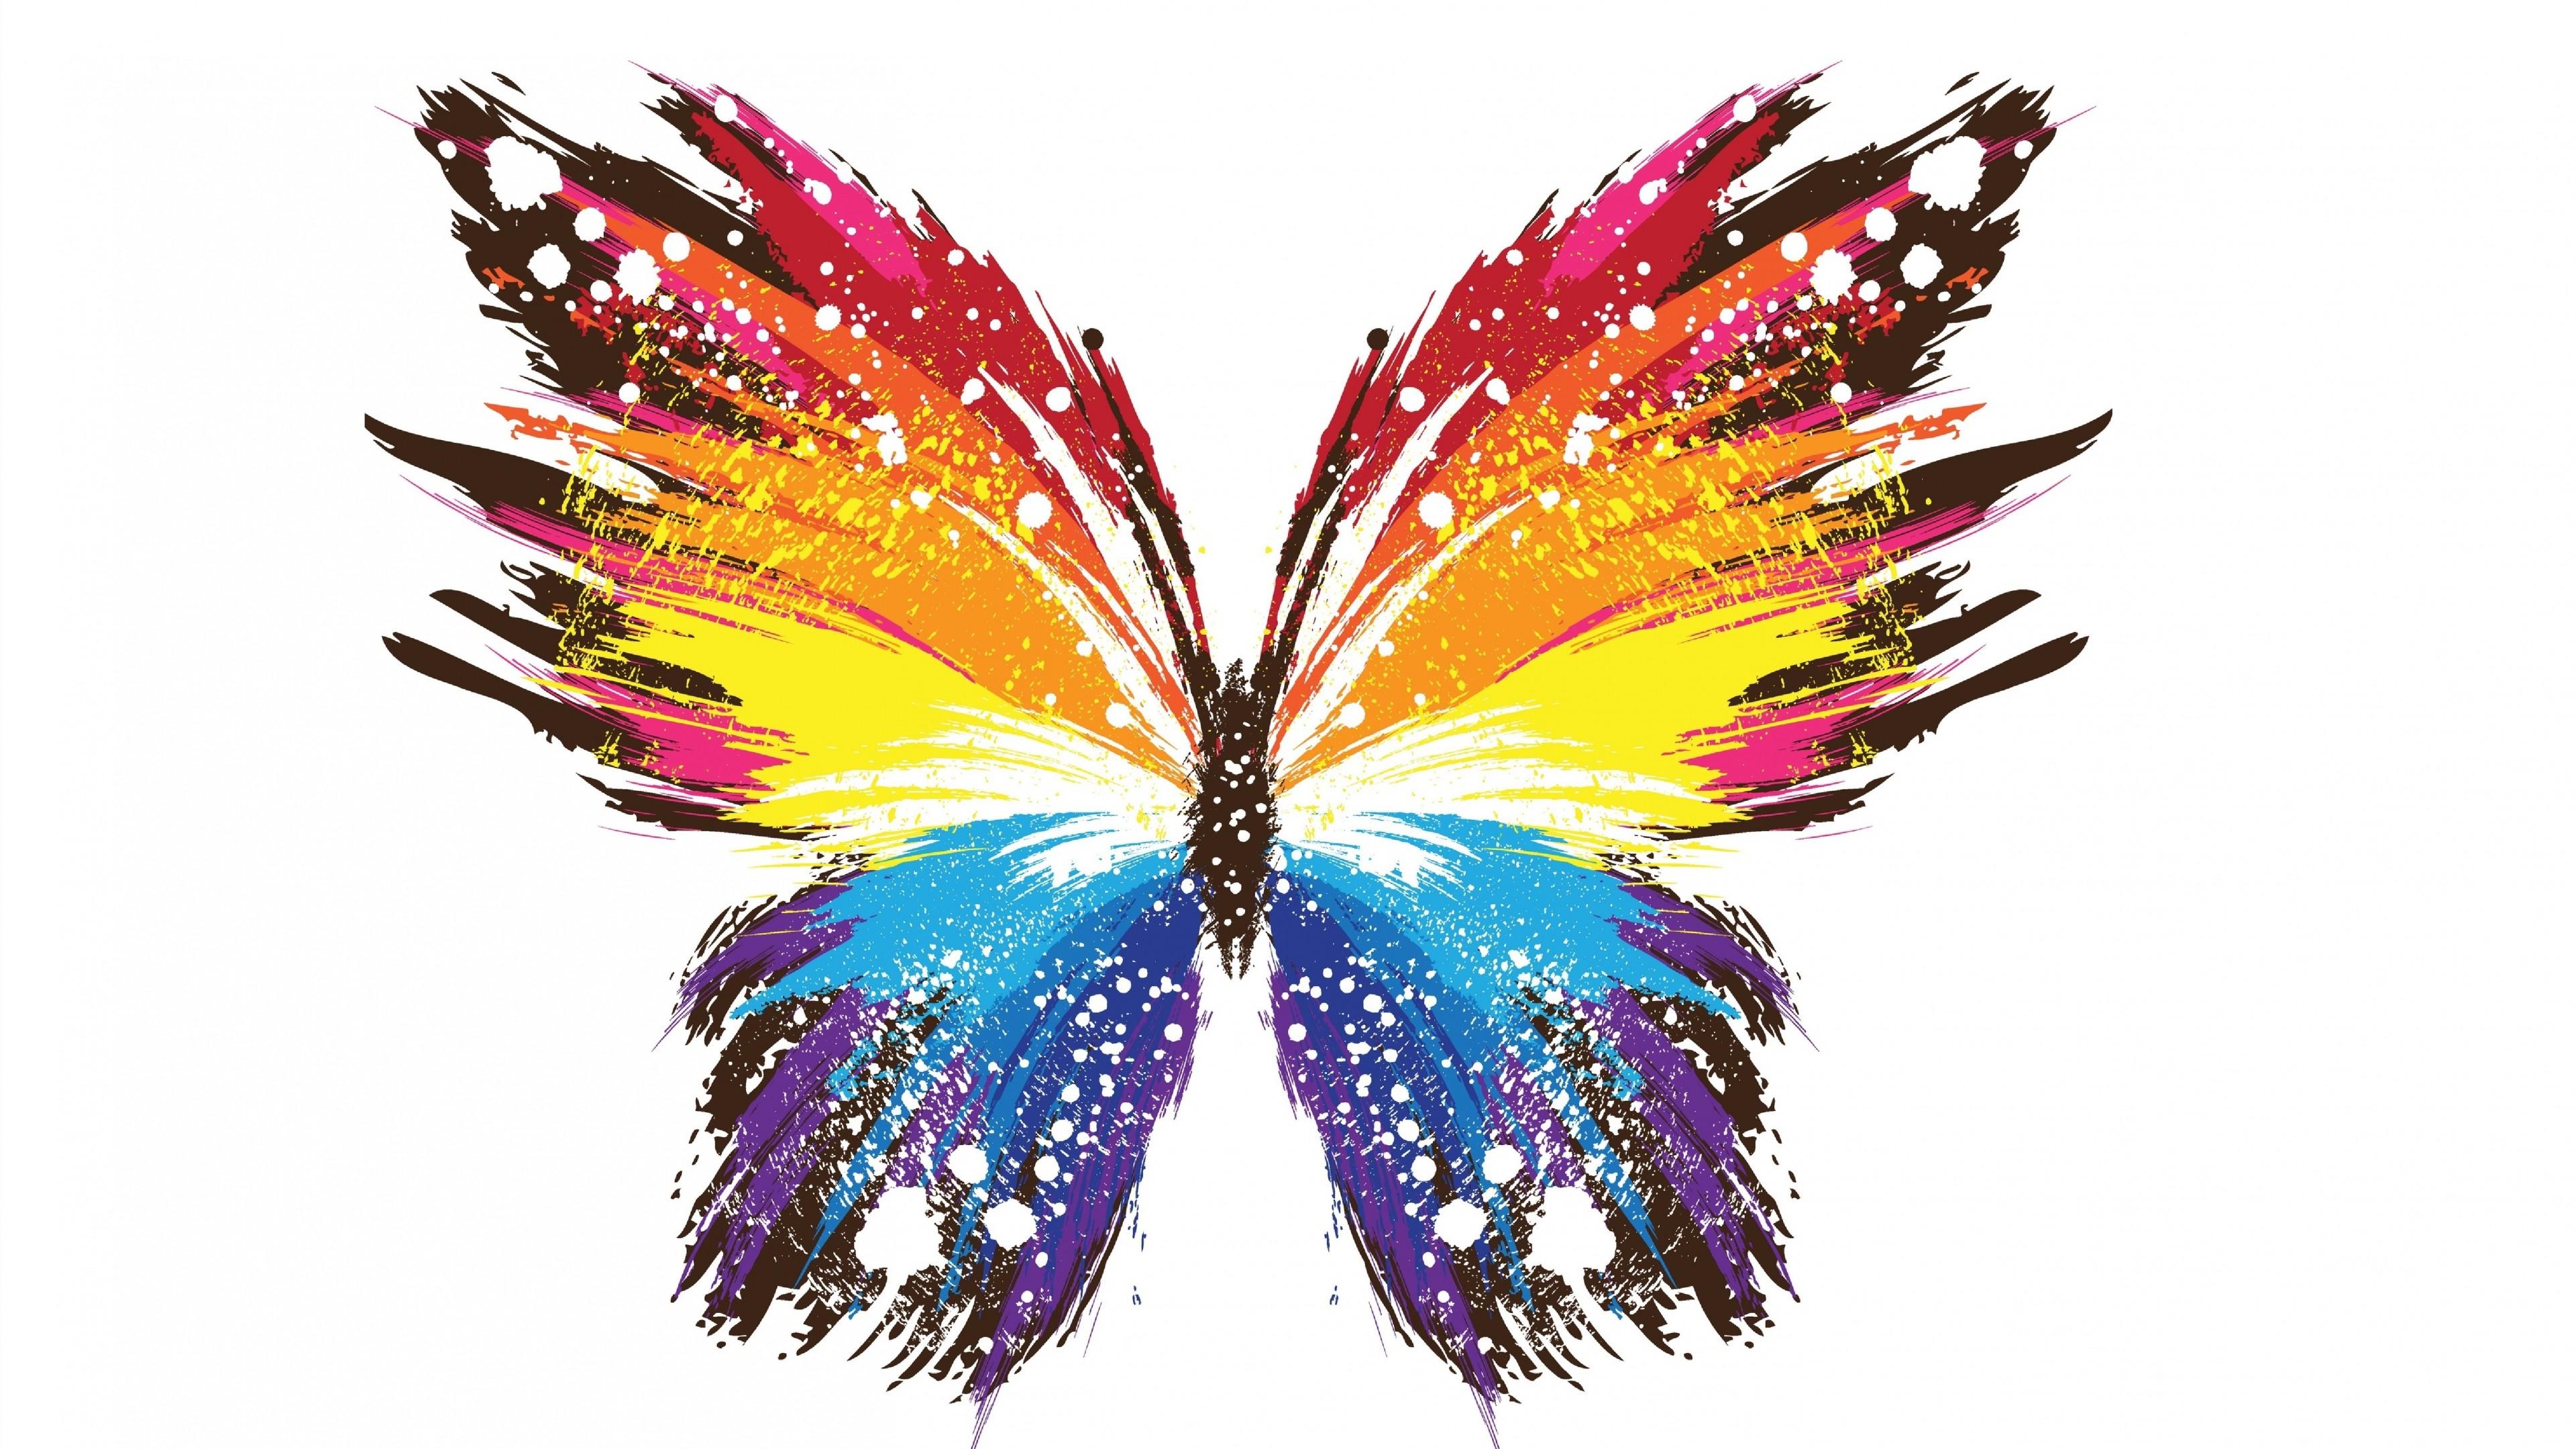 Masaustu Renkli Illustrasyon Resim Beyaz Arkaplan Kelebek